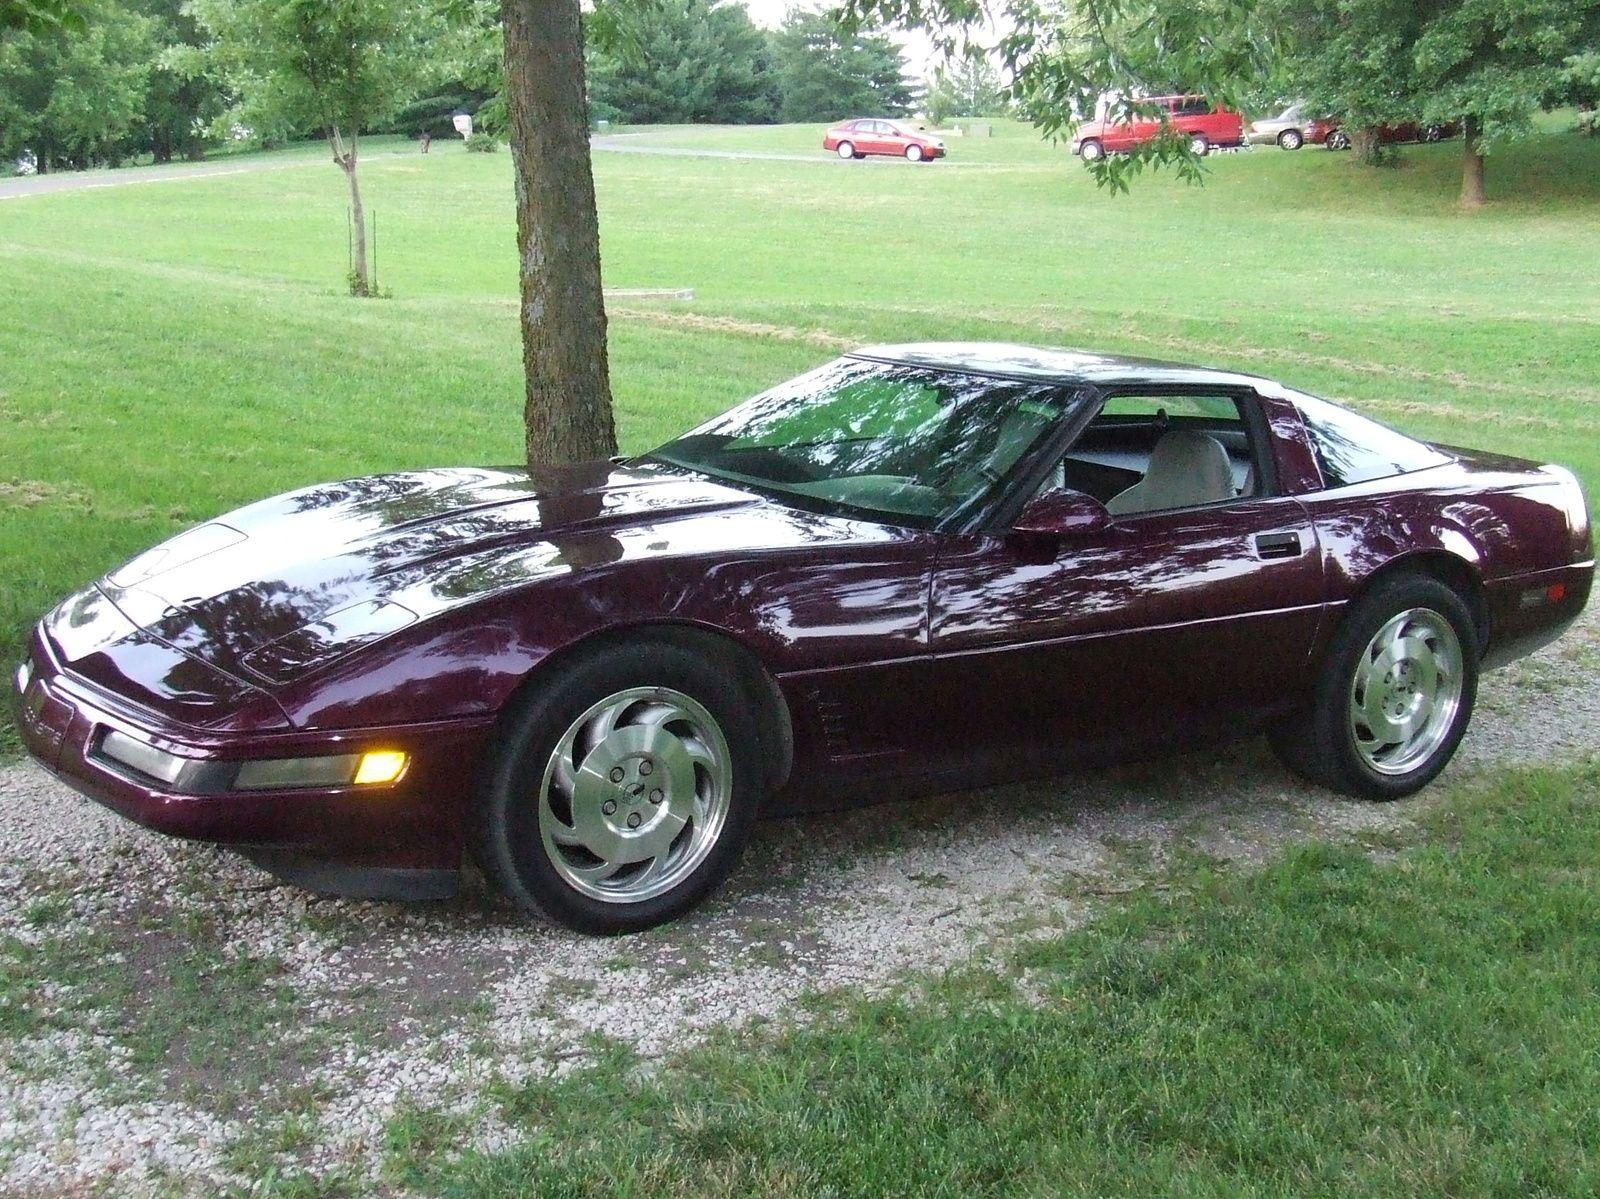 1995 Corvette C4 Chevrolet Corvette Vintage Corvette Corvette